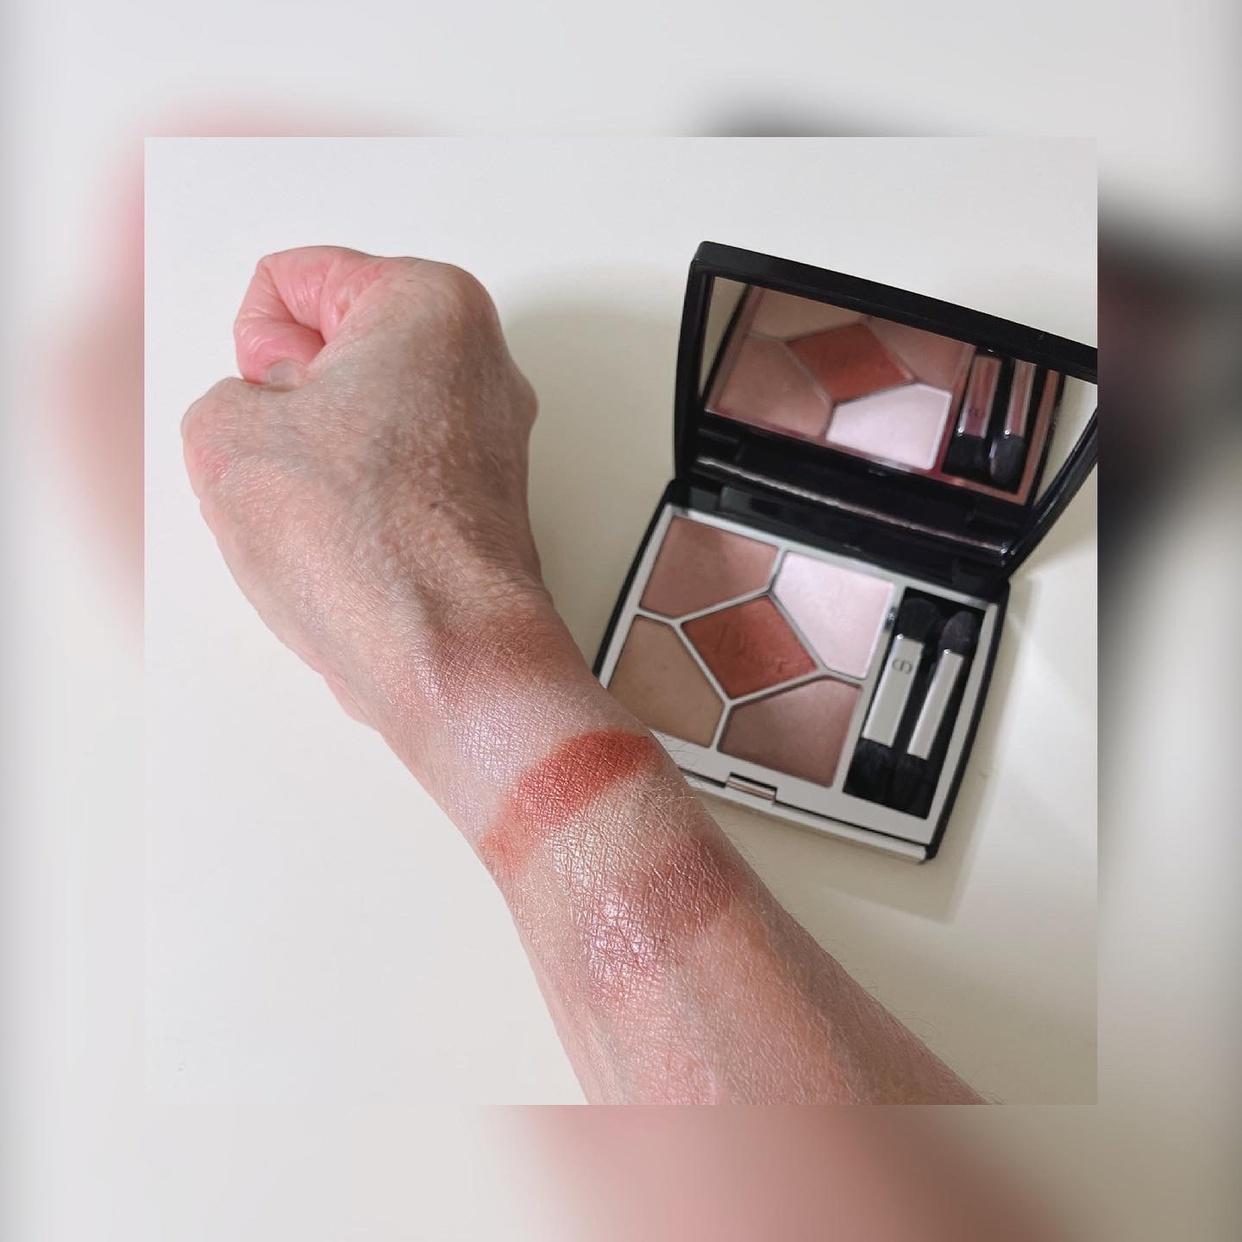 Dior(ディオール)サンク クルール クチュールを使ったNorikoさんのクチコミ画像4